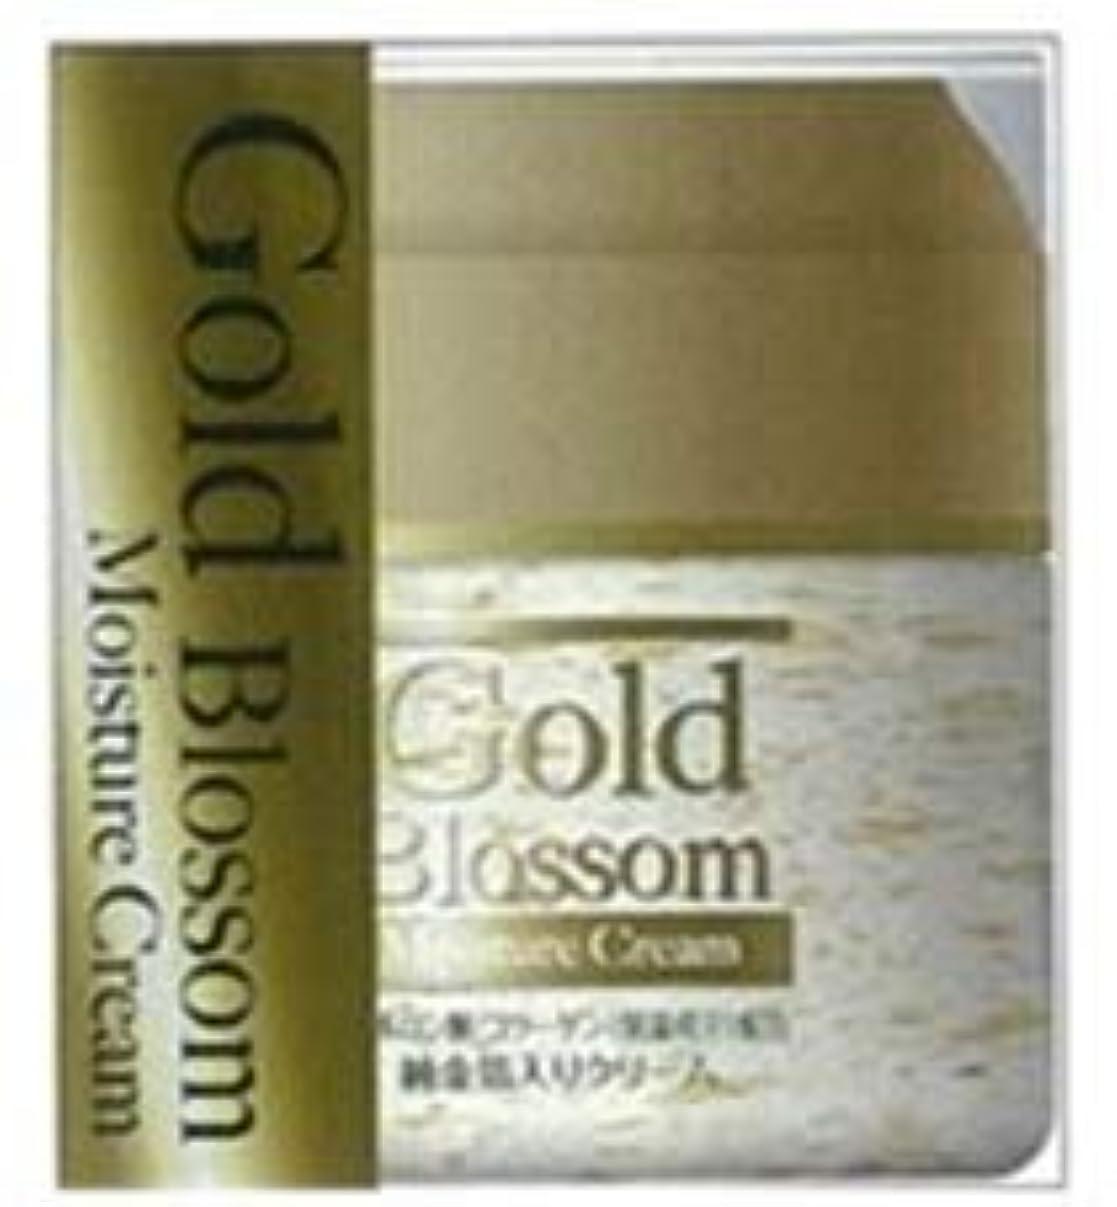 閉じるメーカー心理的にGold Blossom 保湿クリーム